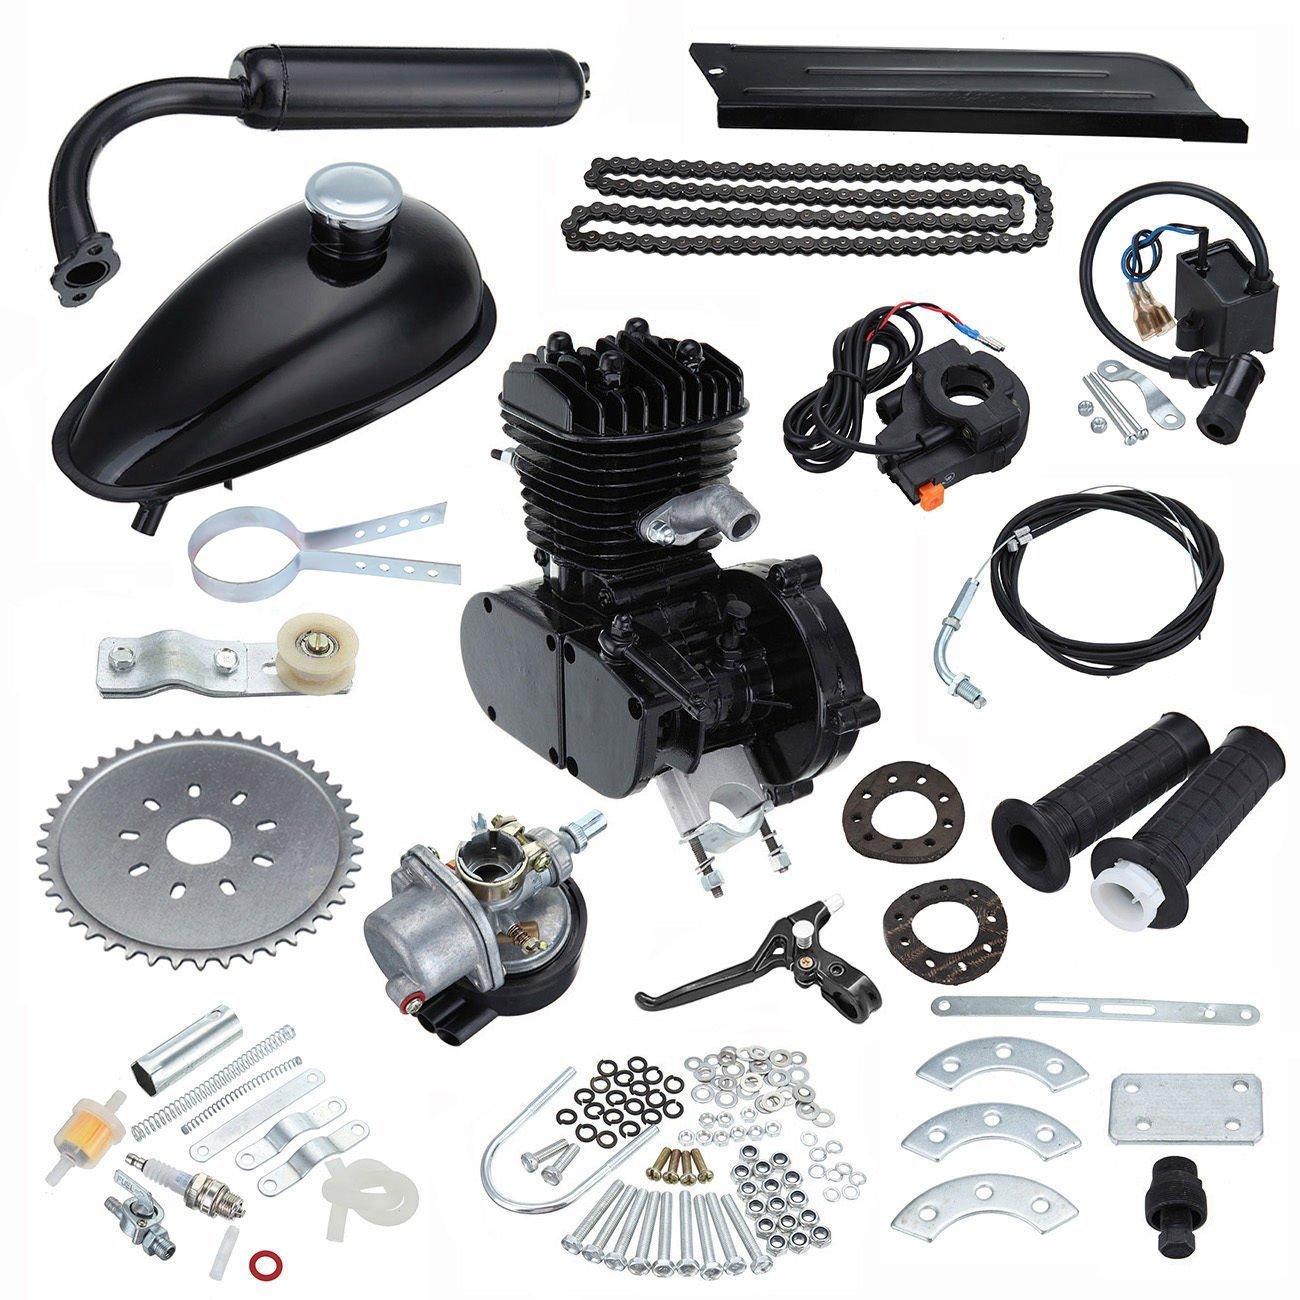 Ridgeyard 50cc 2 Stroke Gas Engine Bicycle Bike Motor Kit Motorized Kit DIY Black Ridgeyard Co .ltd